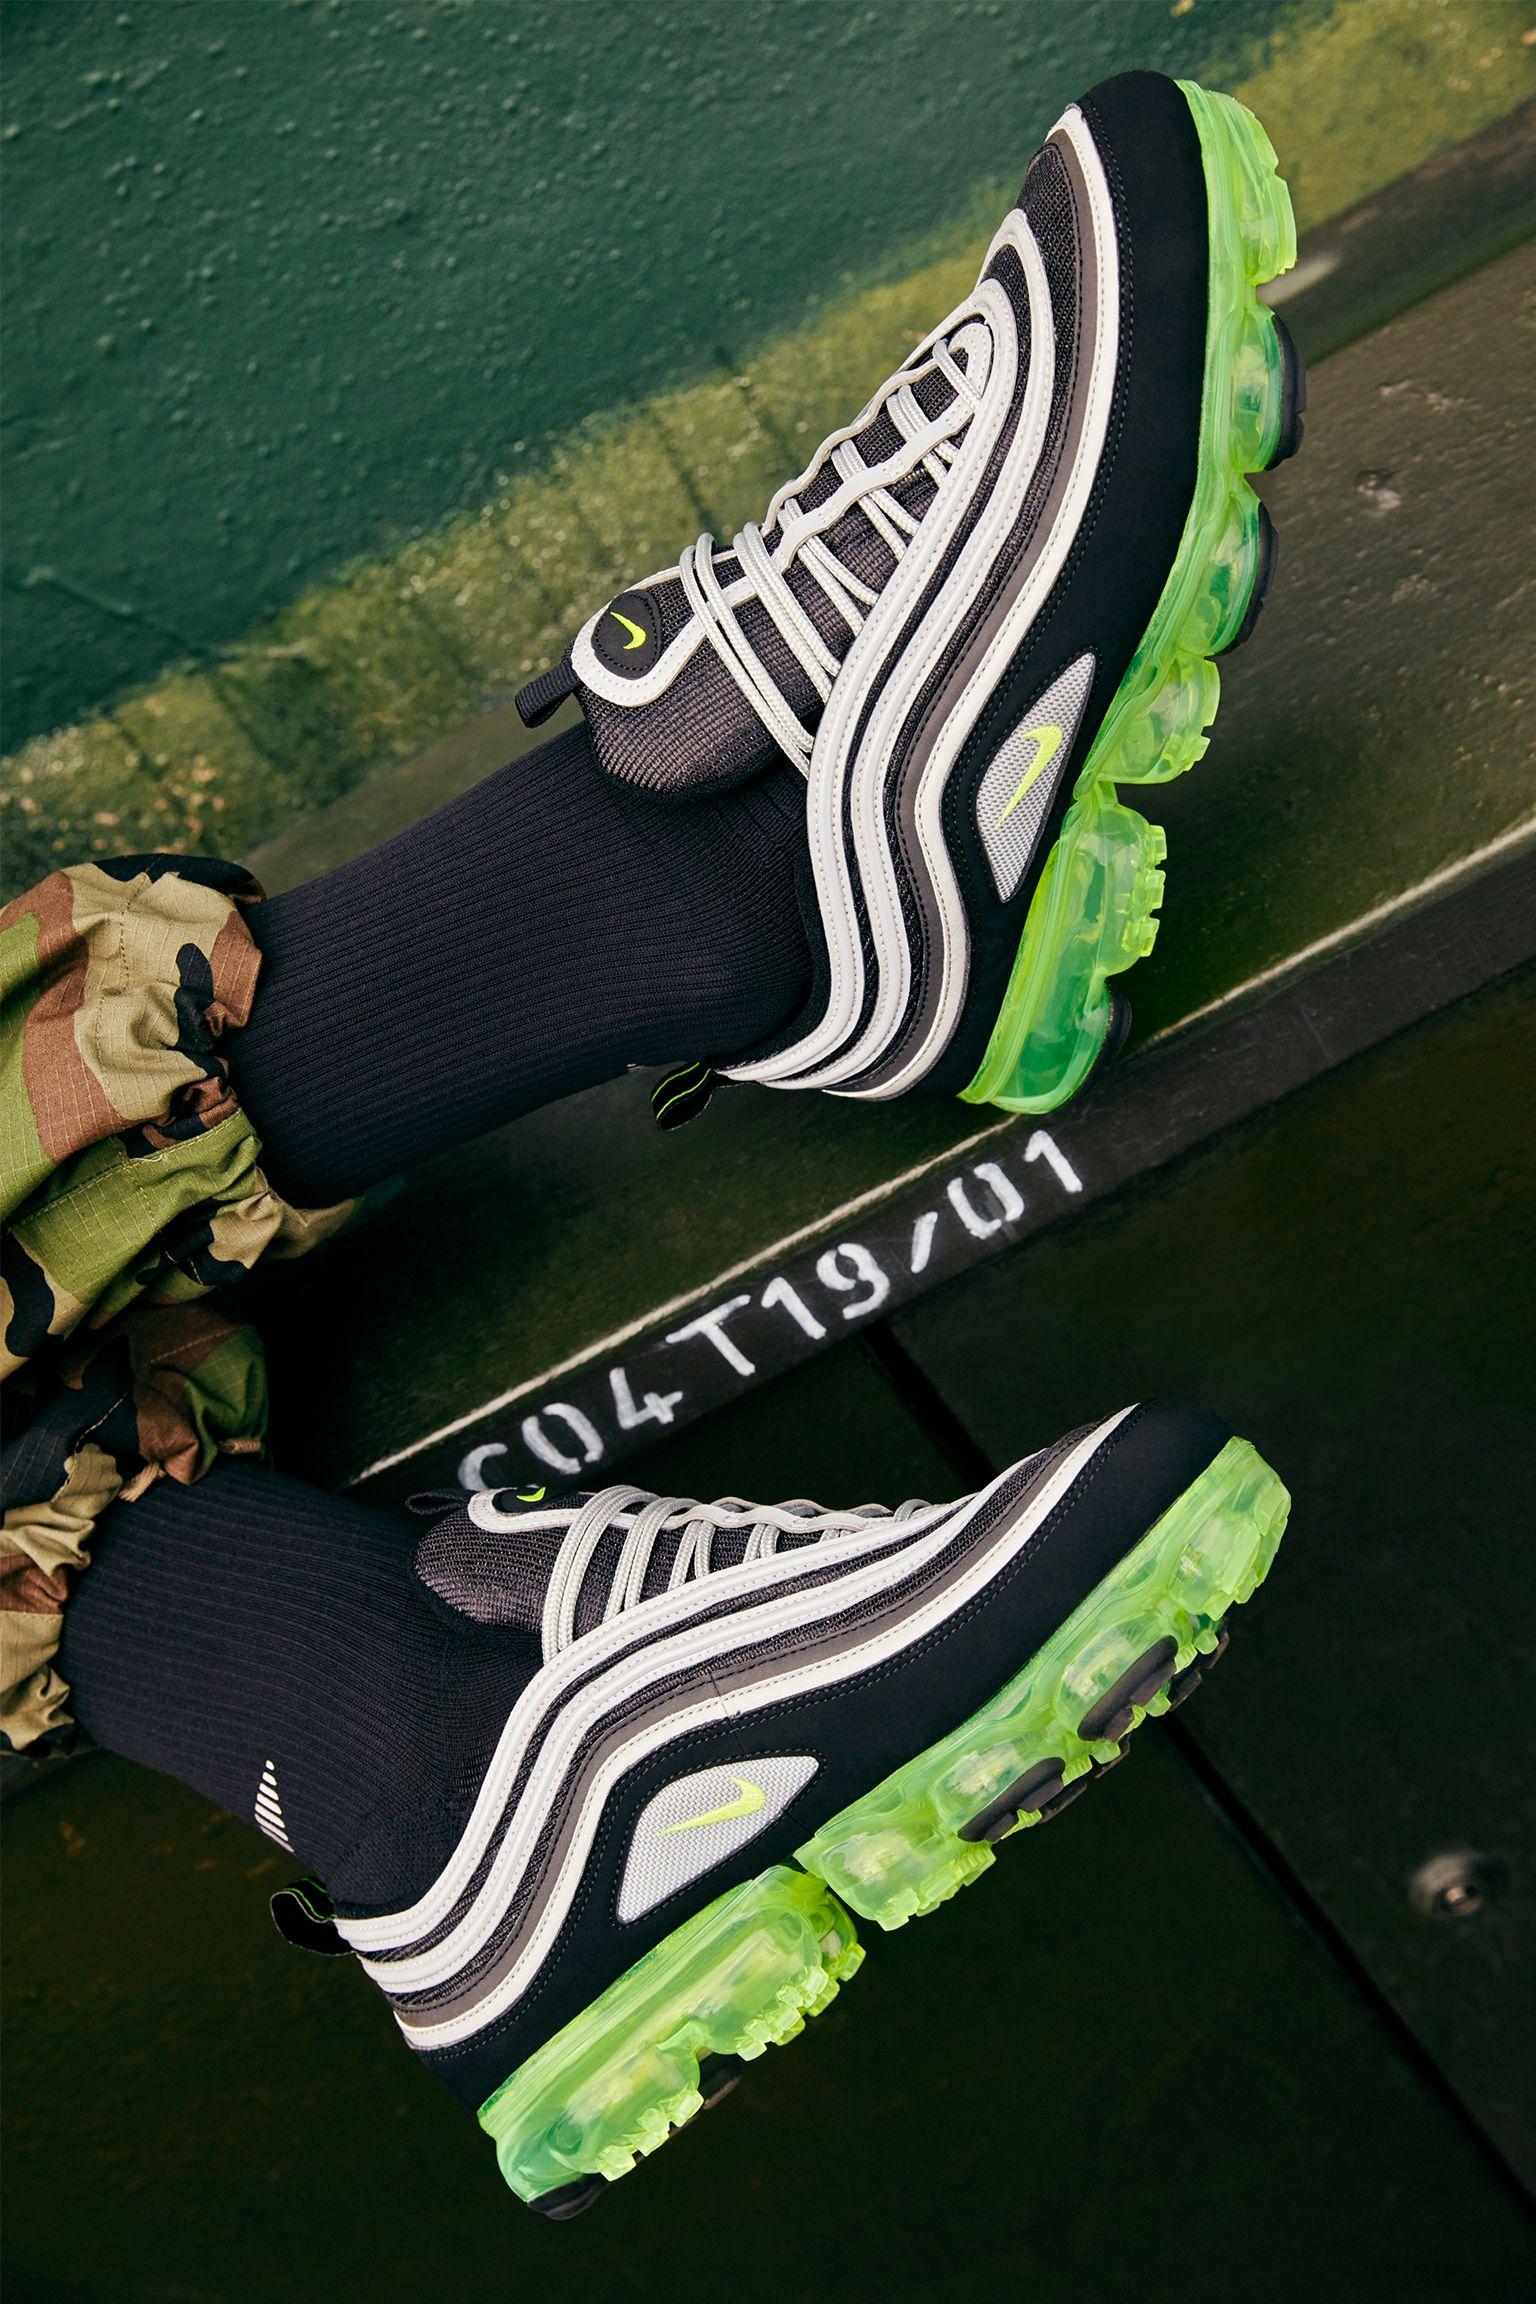 9234842bc88b5 « Air amp  Date La Volt De Sortie Nike 97 Black Vapormax amp  wq4fI0q